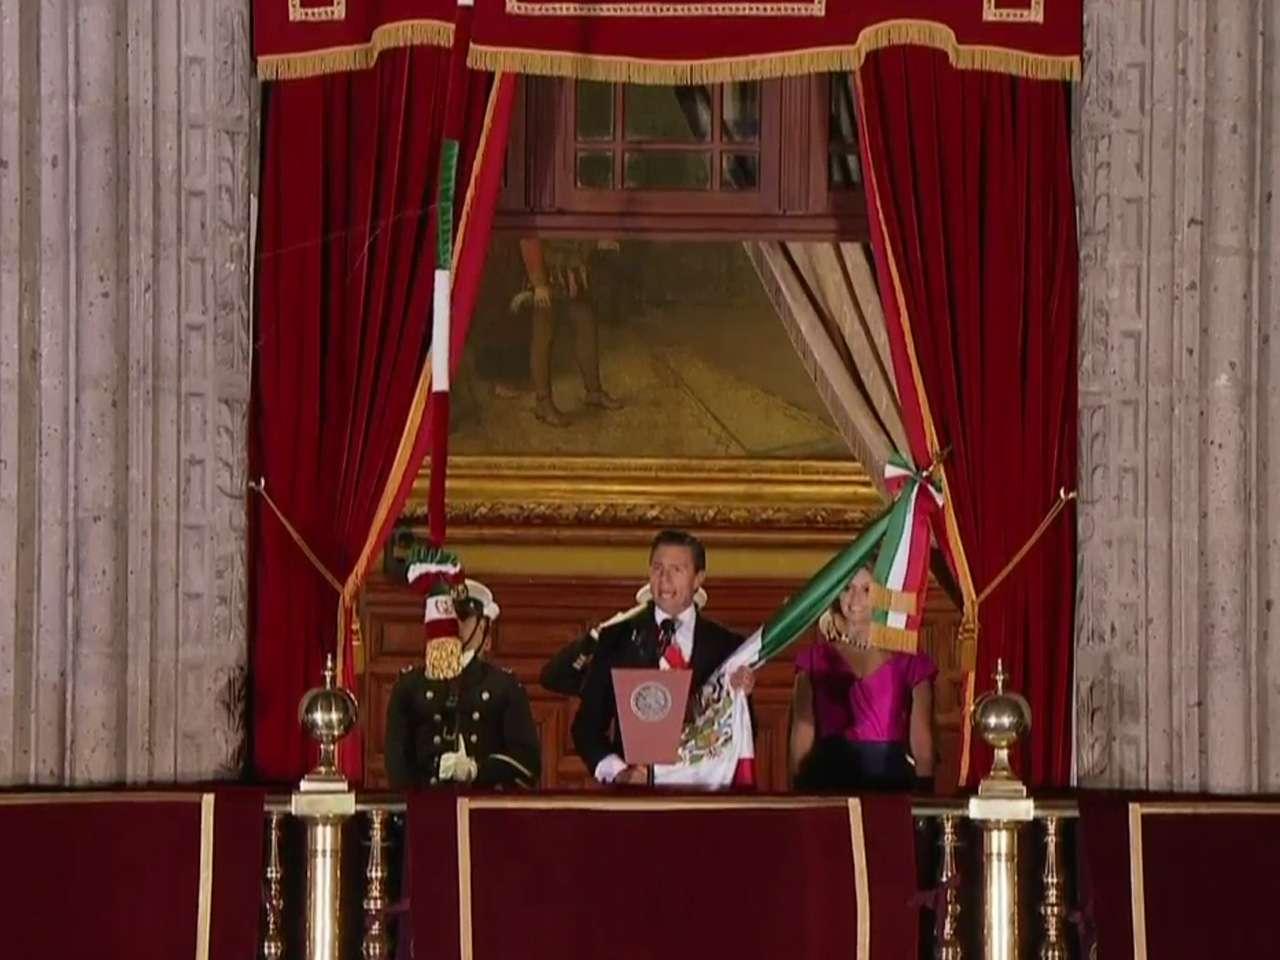 El presidente Enrique Peña Nieto, dio el tradicional Grito de Independencia en el balcón de Palacio Nacional en el Zócalo de la capital del país. Alrededor de las 11:00 horas, el primer mandatario embrazó la Bandera Nacional, salió al balcón acompañado de su esposa Angélica Rivera y recordó a los héroes que iniciaron la lucha de independencia hace 204 años. Posteriormente tocó la histórica campana de Dolores y se entonó el Himno Nacional. Foto: Presidencia de la República